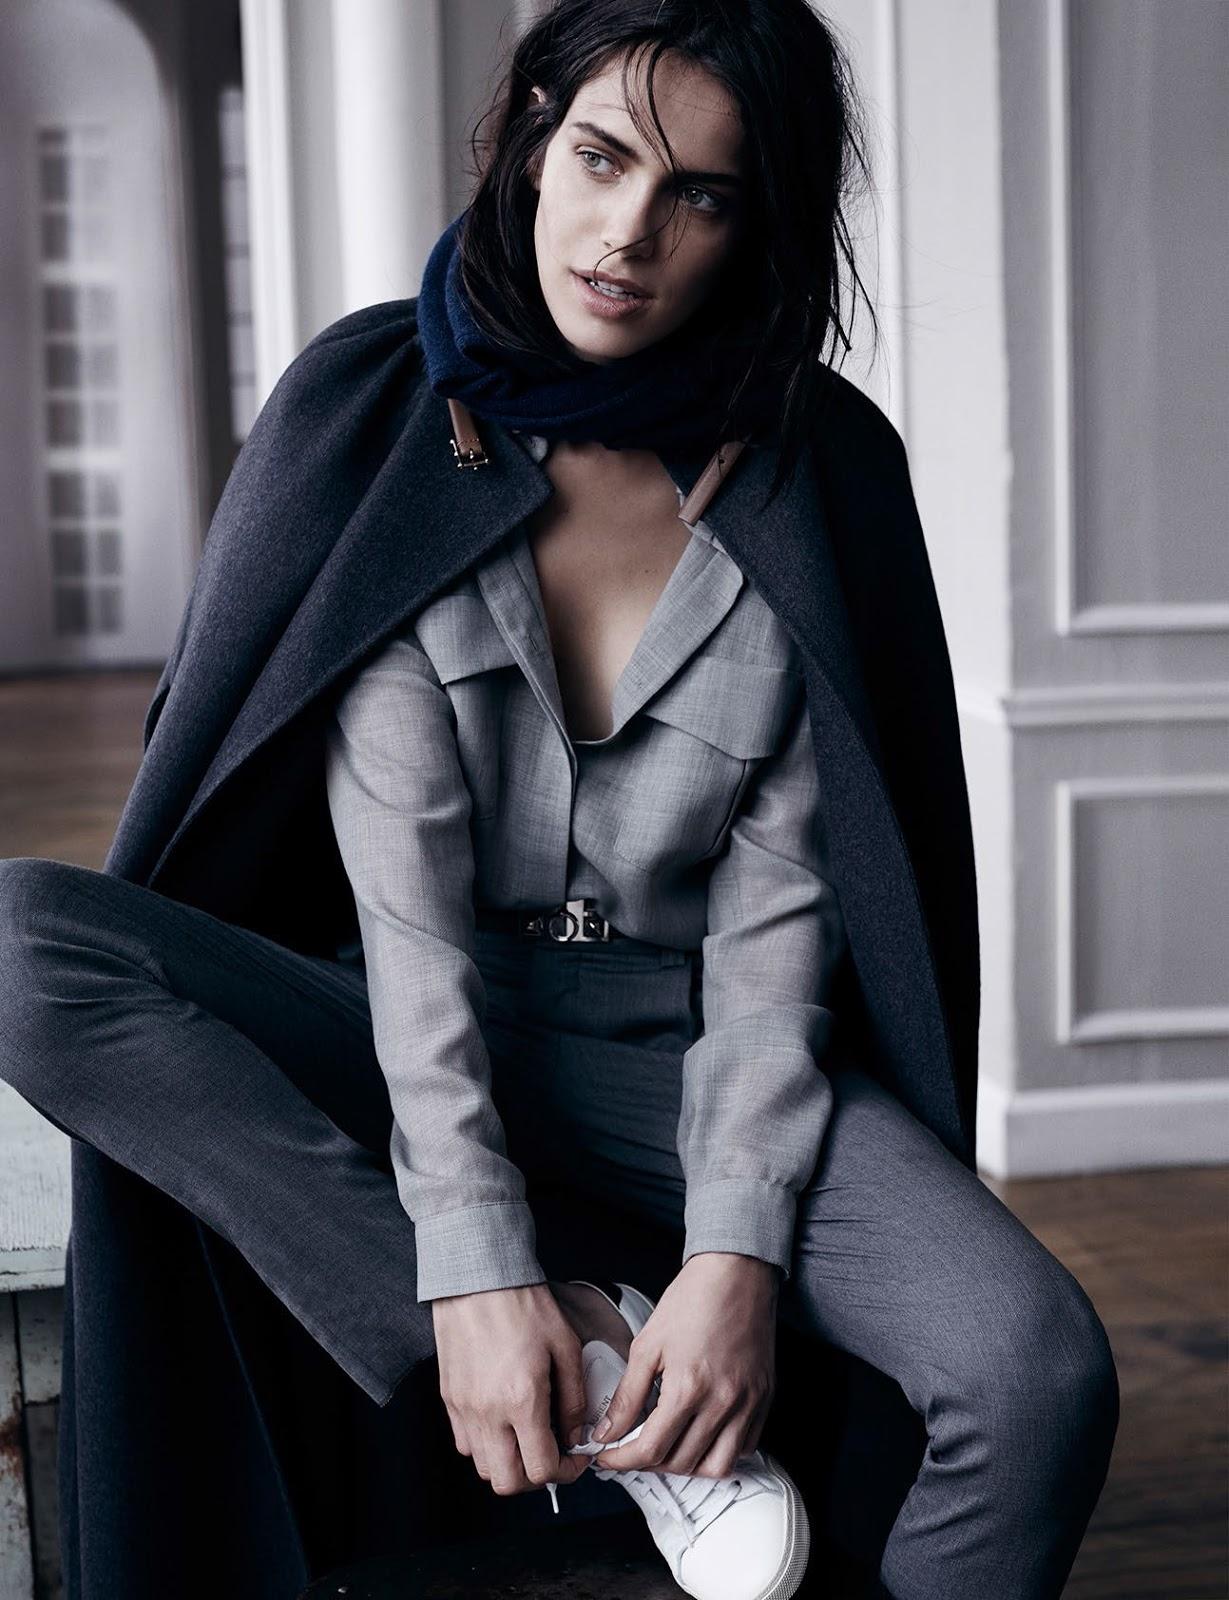 Amanda Wellsh for Vogue Spain September 2014 by Benny Horne (1)